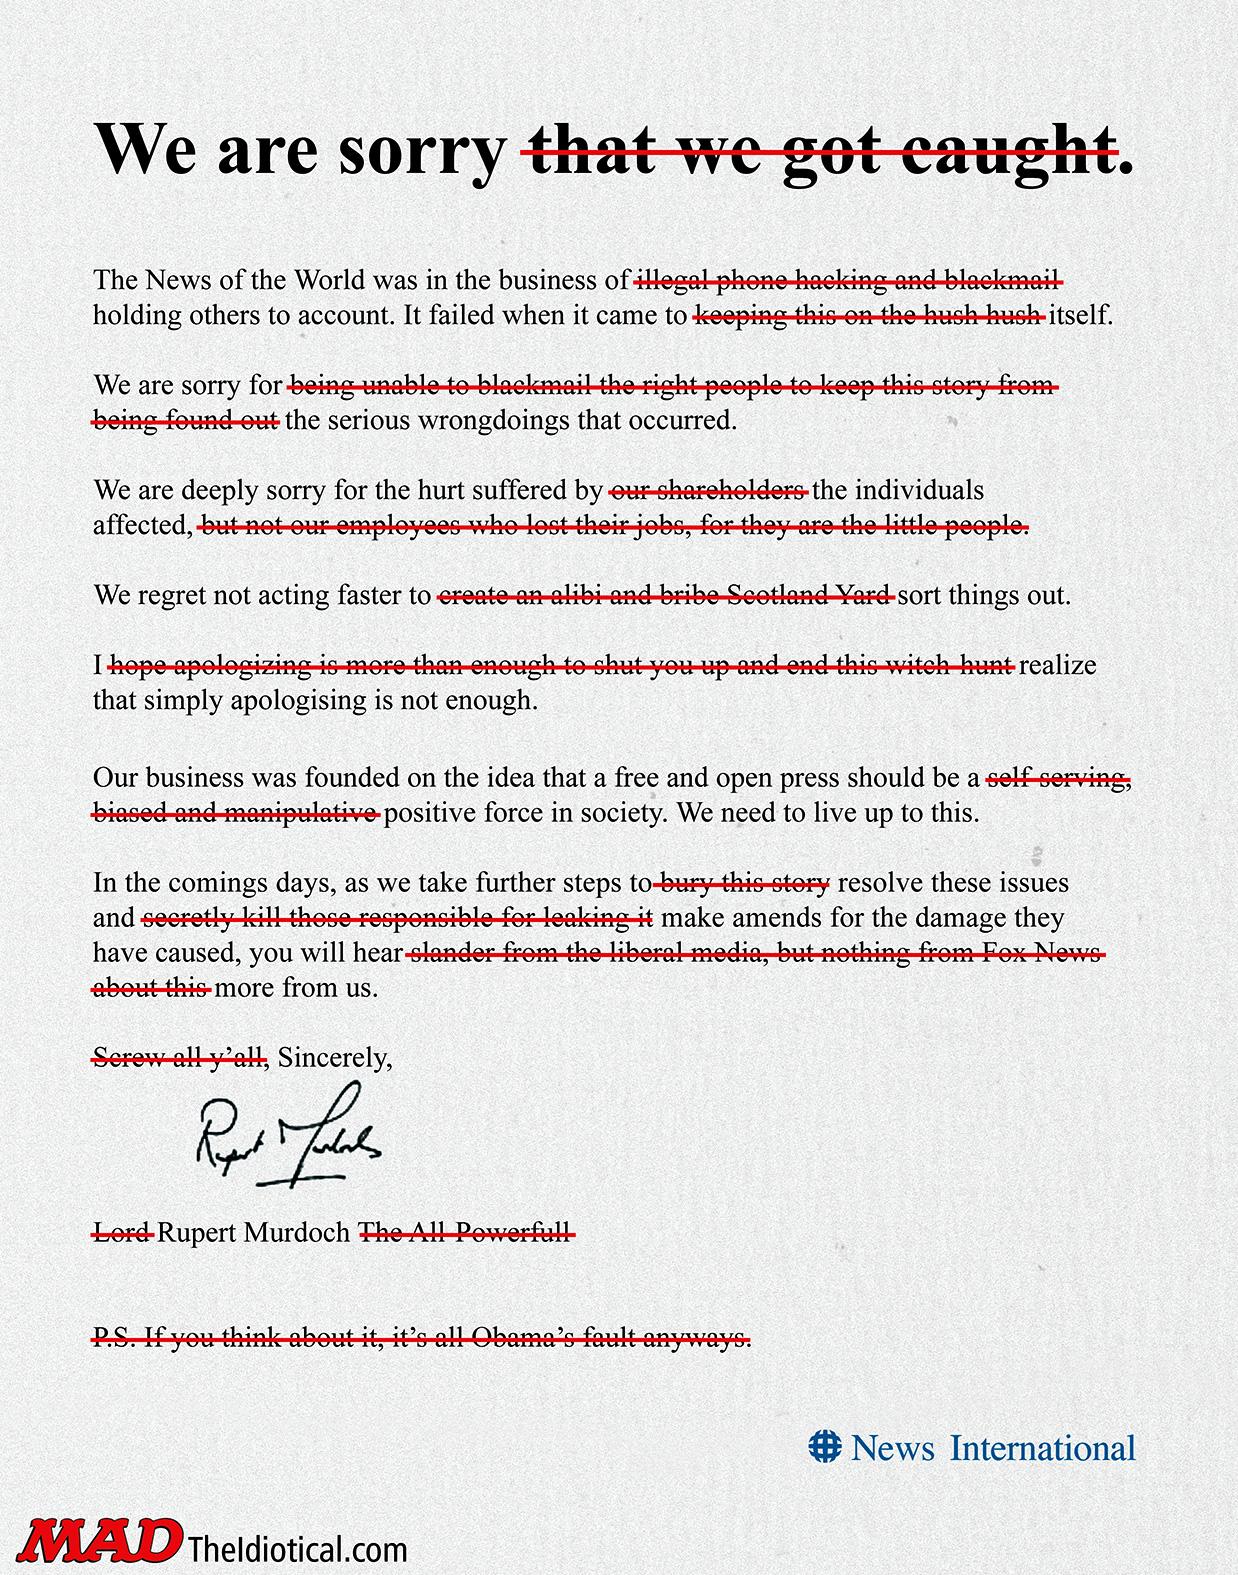 news of the weird rupert murdoch s apology letter mad magazine news of the weird rupert murdoch s apology letter